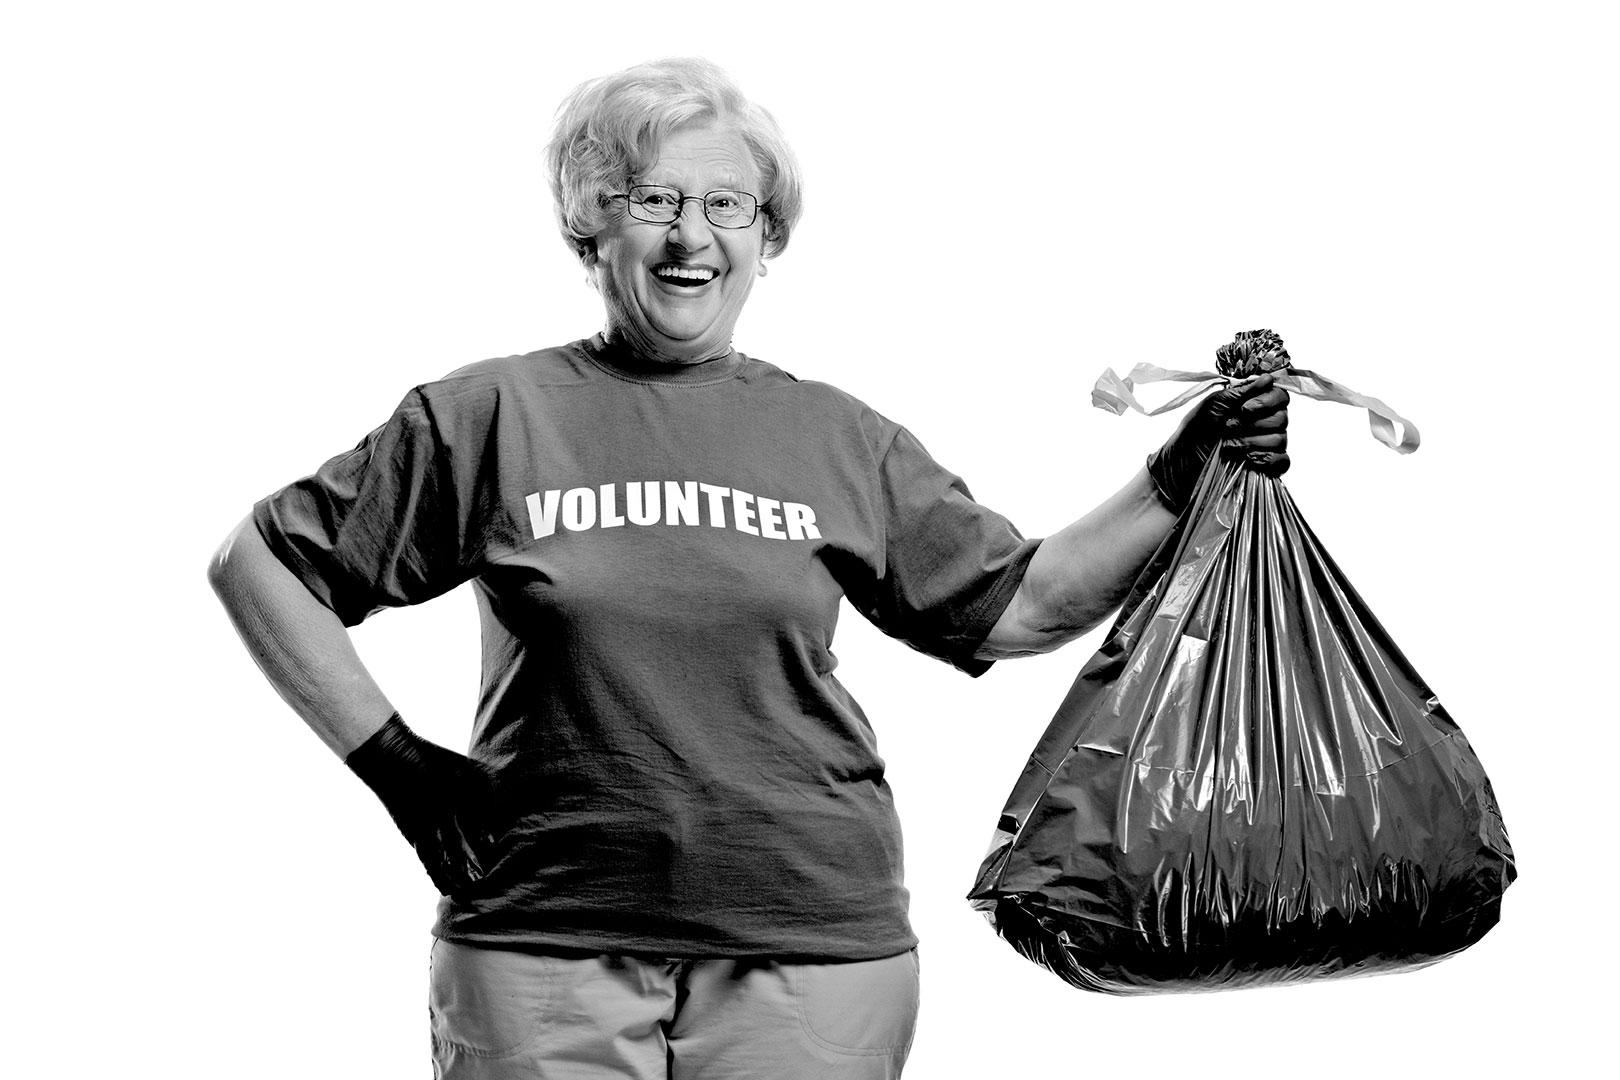 Χαρίστε μια ώρα εθελοντικής εργασίας - Mia Ora